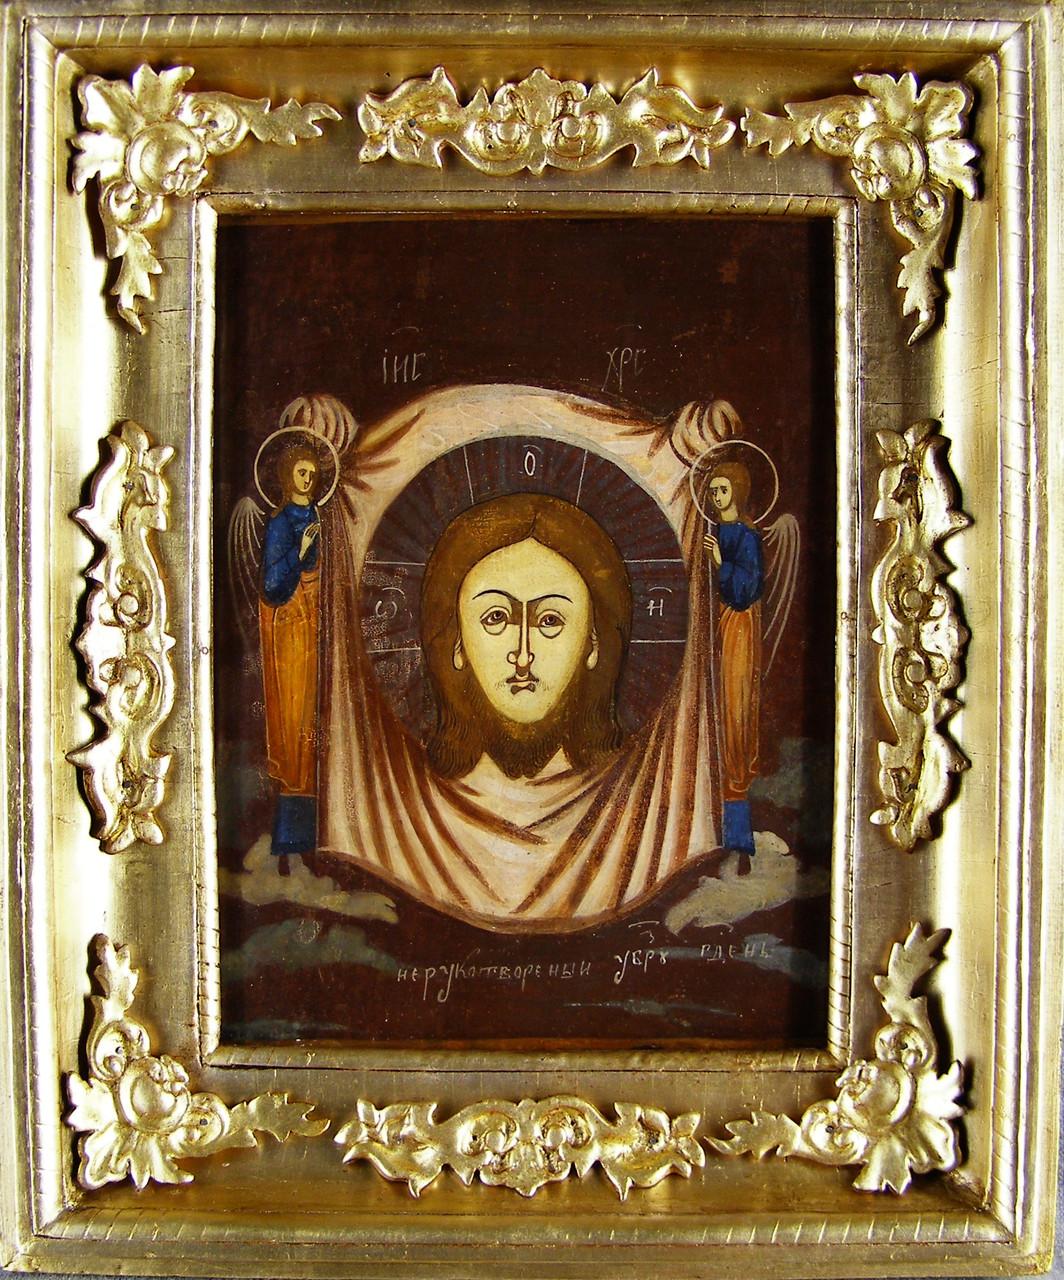 Ікона Спас нерукотворний 19 століття Росія